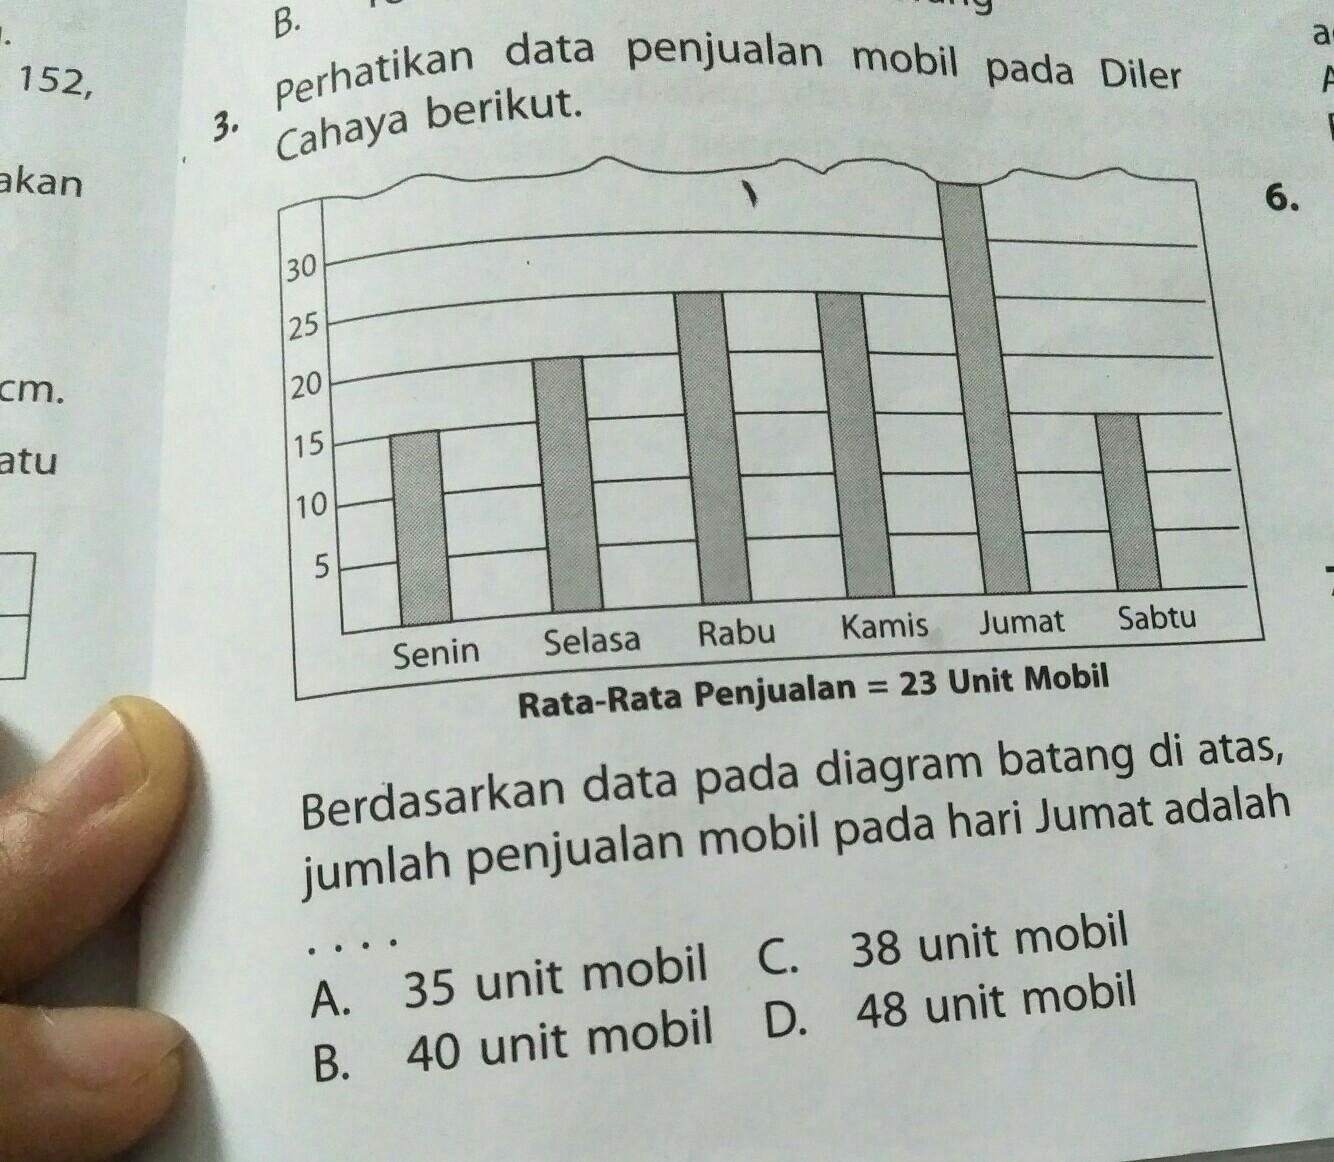 Berdasarkan Data Pada Diagram Batang Di Atas Jumlah Penjualan Mobil